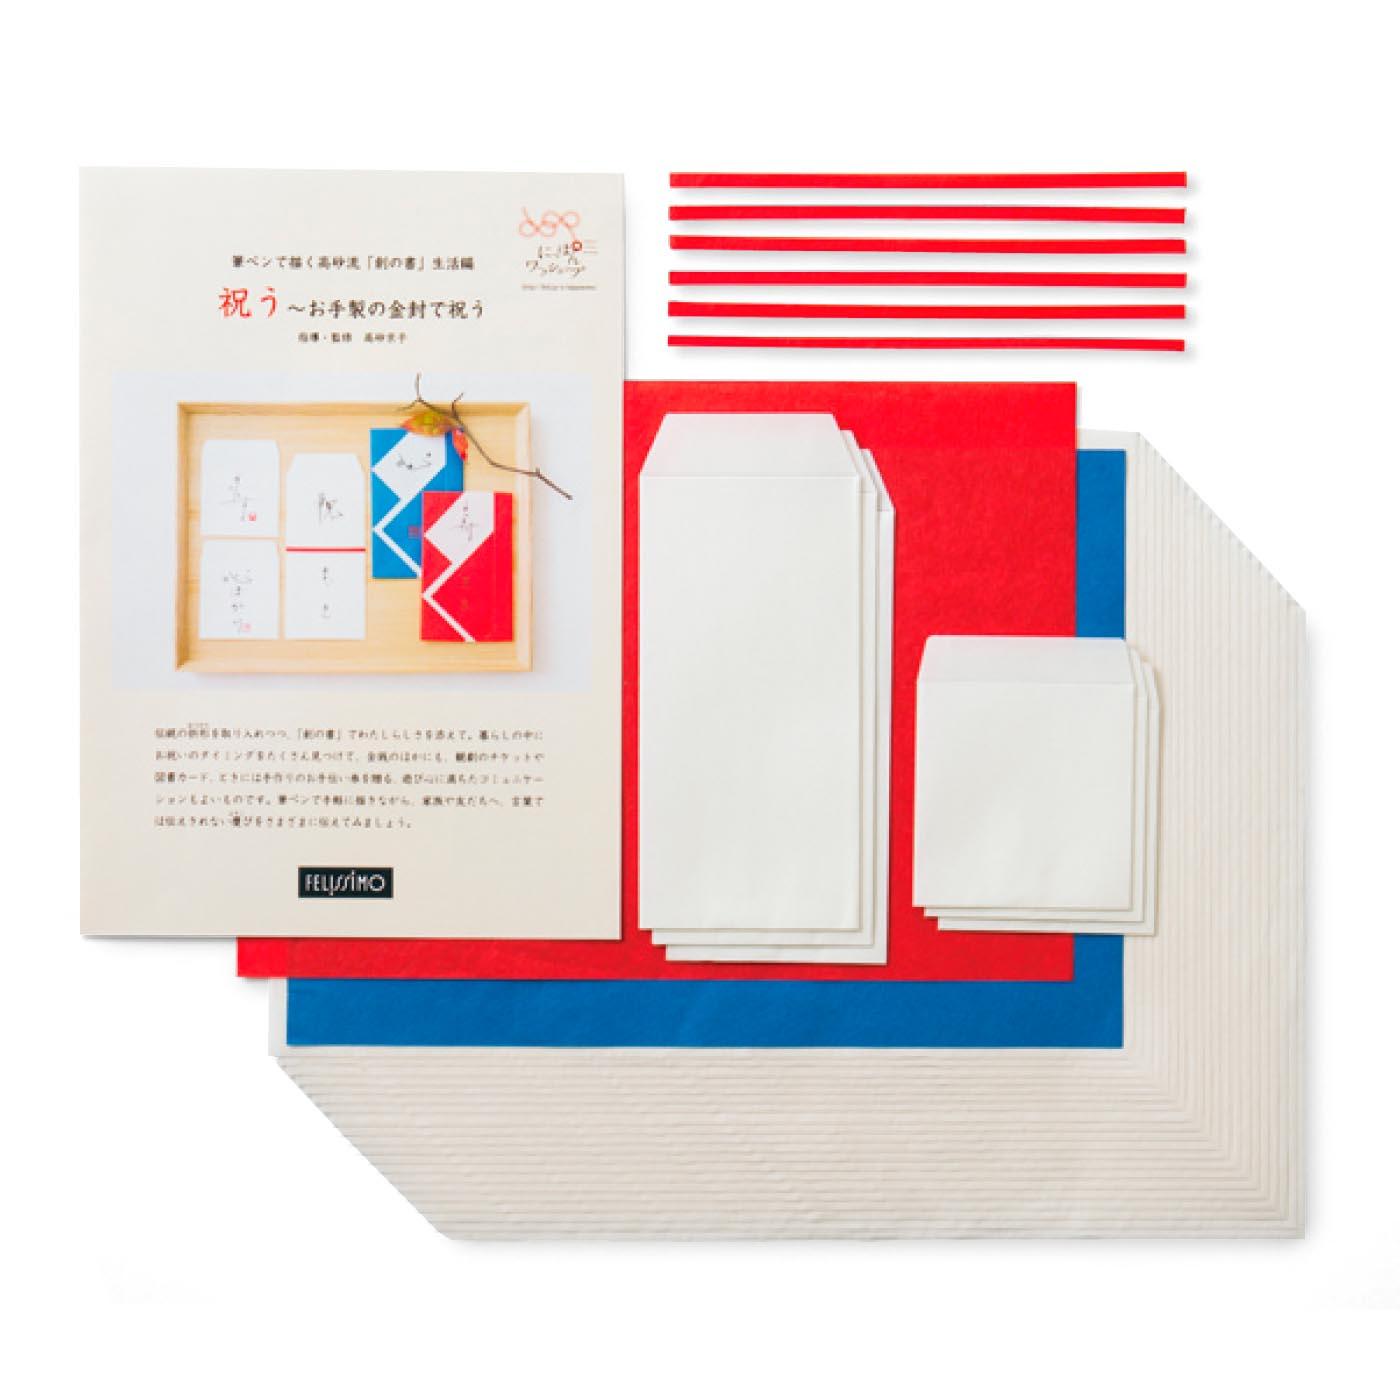 毎回のテーマに合わせた美しい和紙素材、練習用の推奨半紙をセットにして、お届けします。